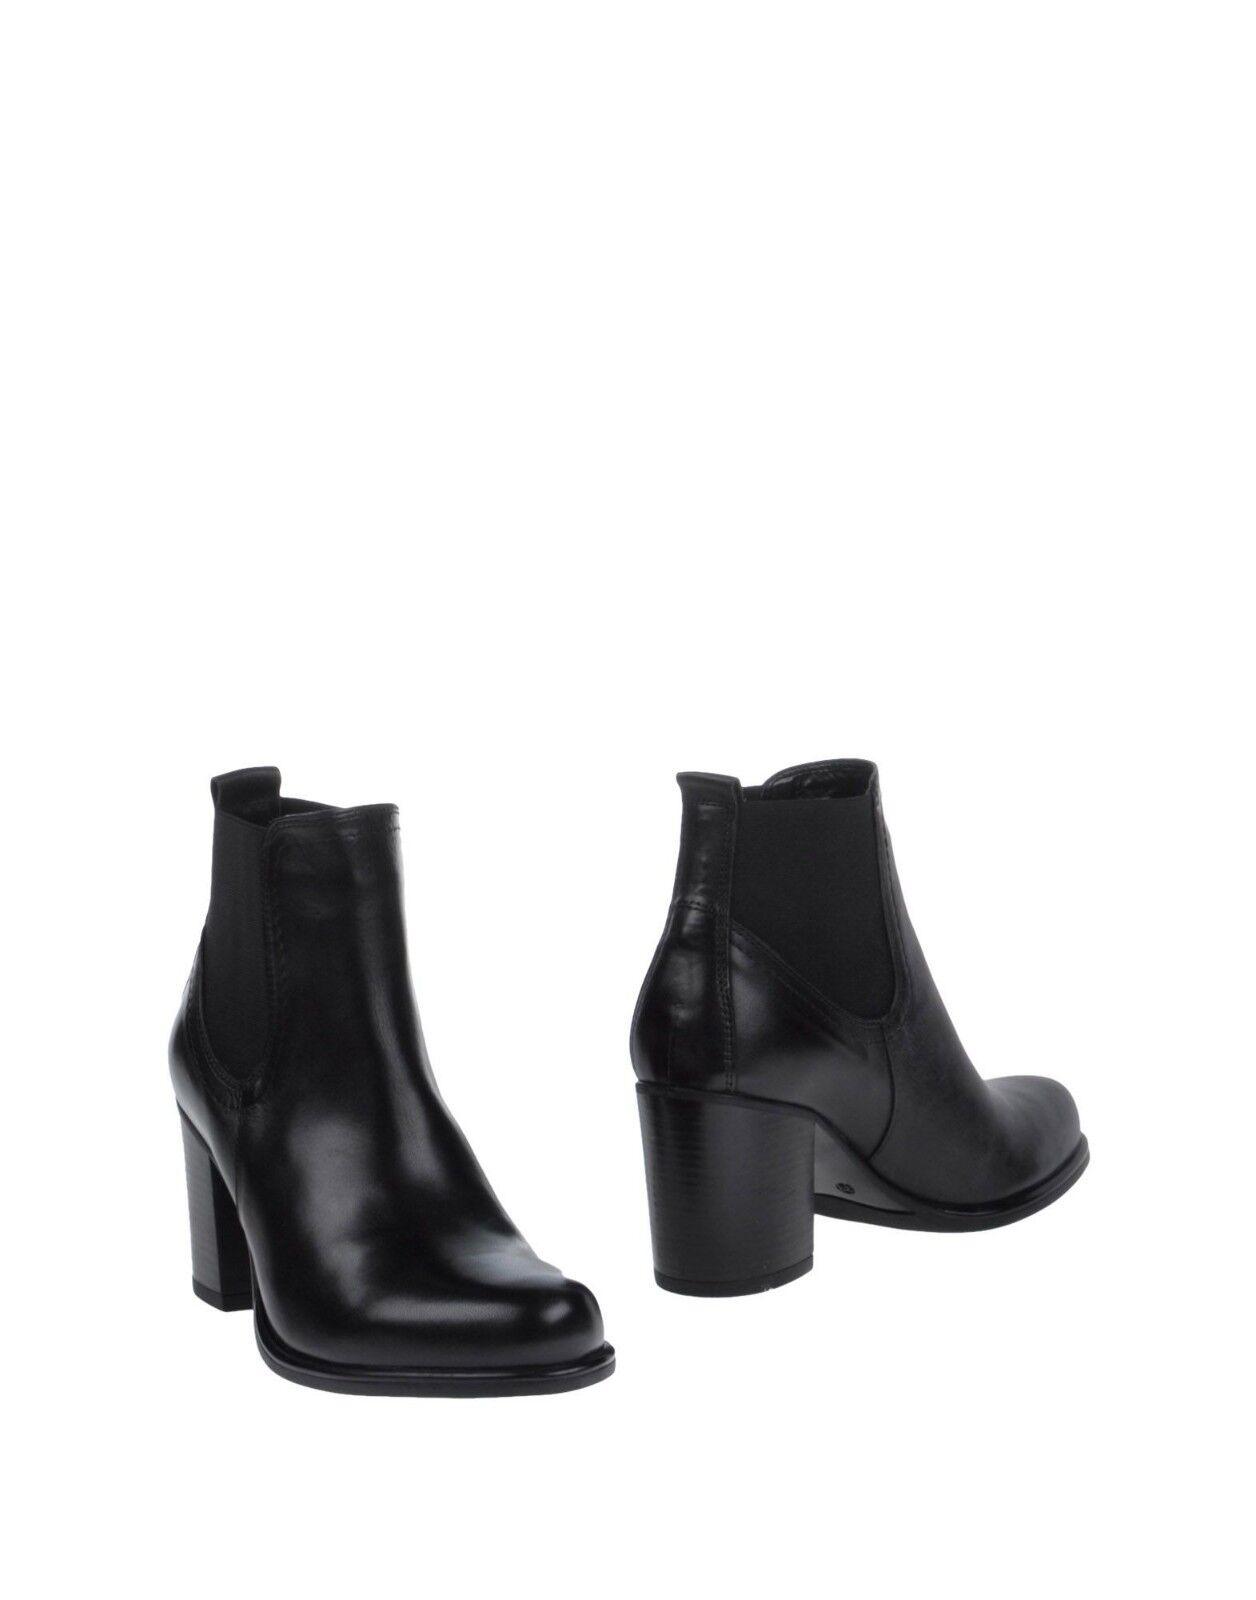 Cafe Noir Ladies Black Leather Ankle Boots LN39 09